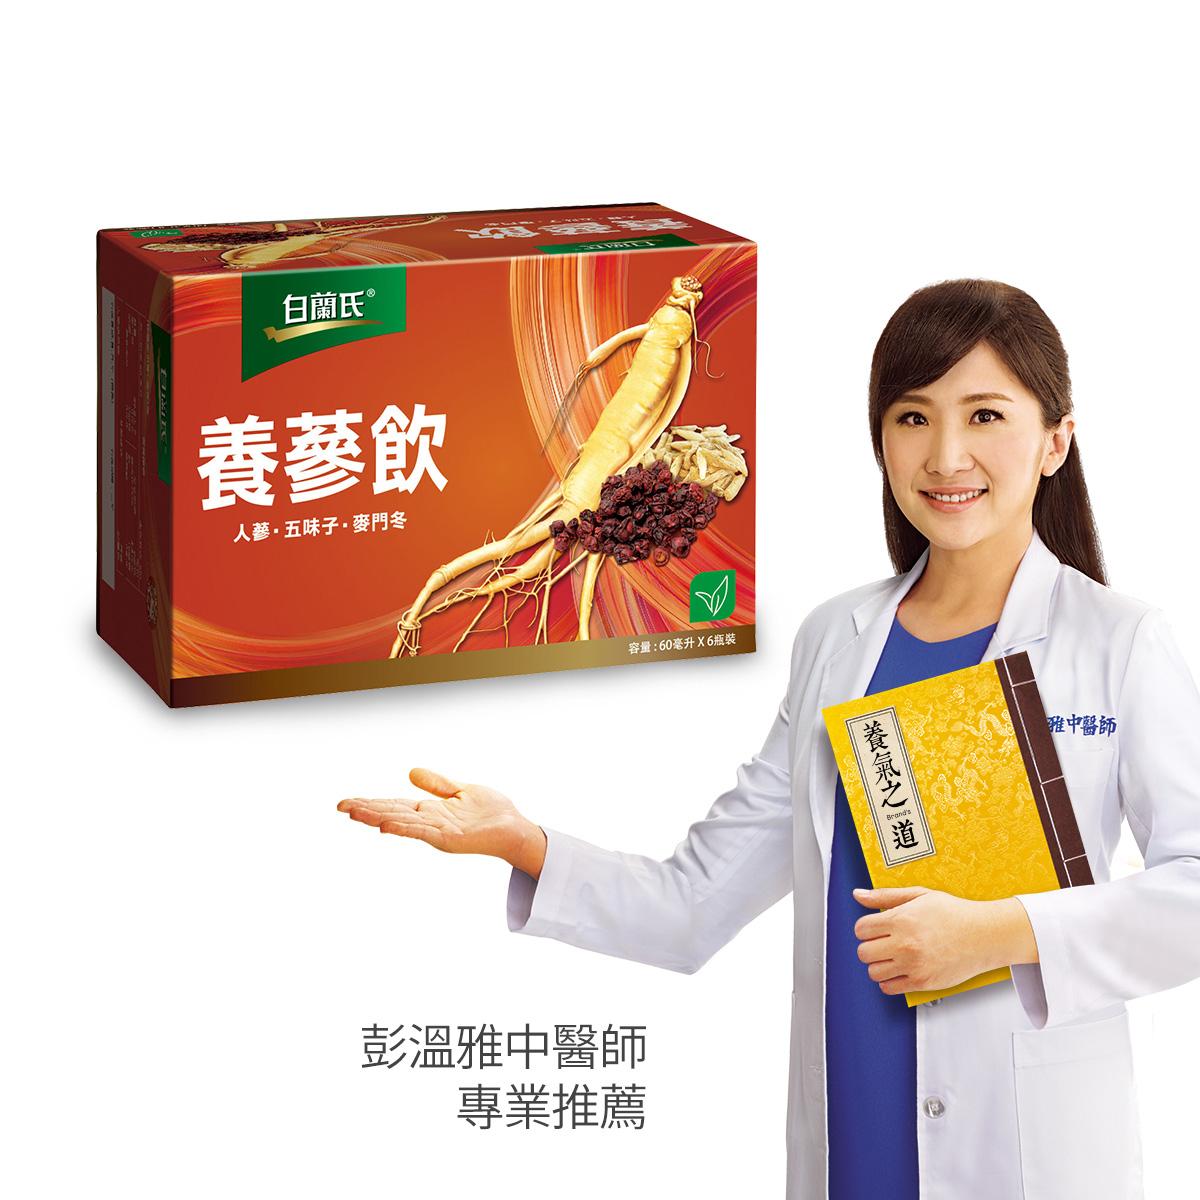 【珍貴人蔘精華 養氣固氣雙效】白蘭氏養蔘飲 60mlx6瓶/盒特惠$365